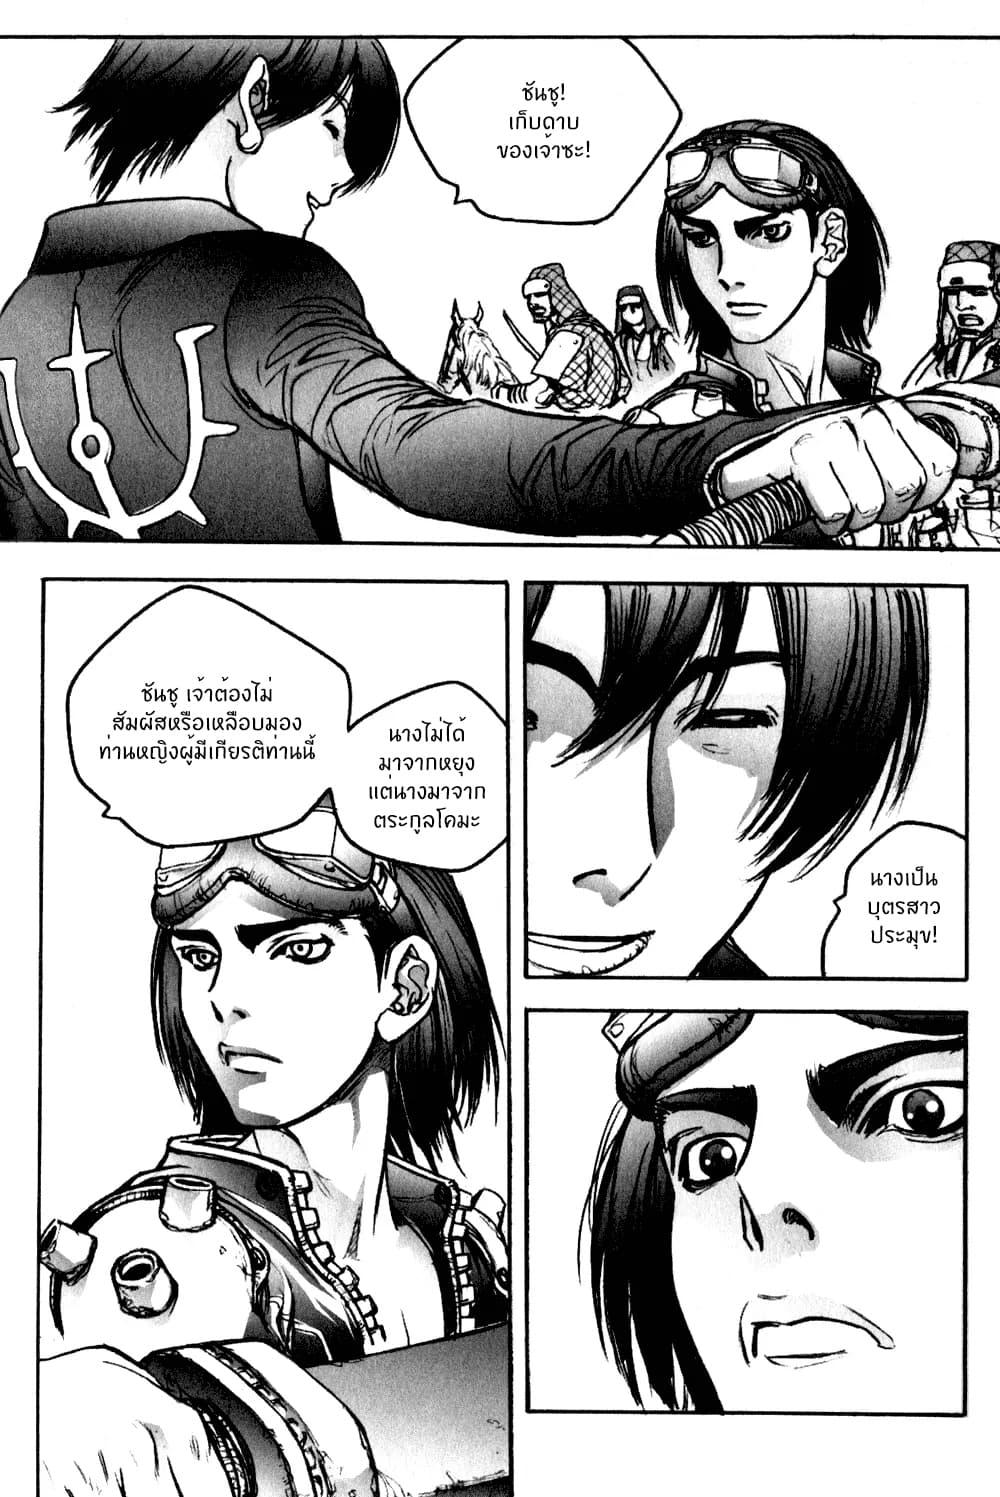 อ่านการ์ตูน Chunchu The Genocide Fiend ตอนที่ 3 หน้าที่ 5